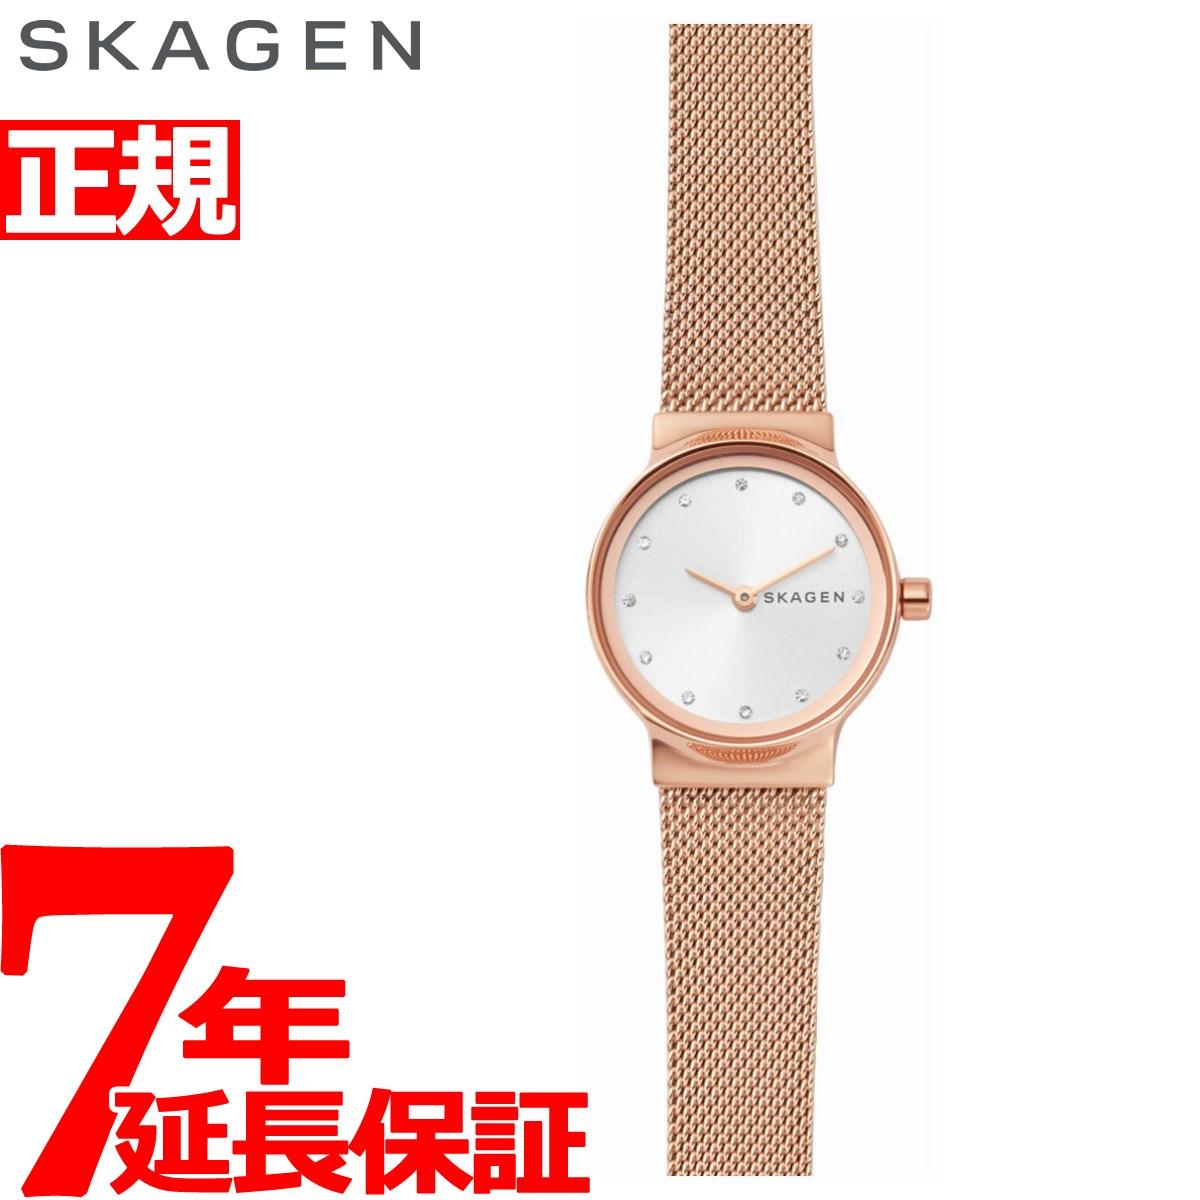 最大2000円クーポン配布中!26日9時59分まで! スカーゲン SKAGEN 腕時計 レディース フレジャ FREJA SKW2665